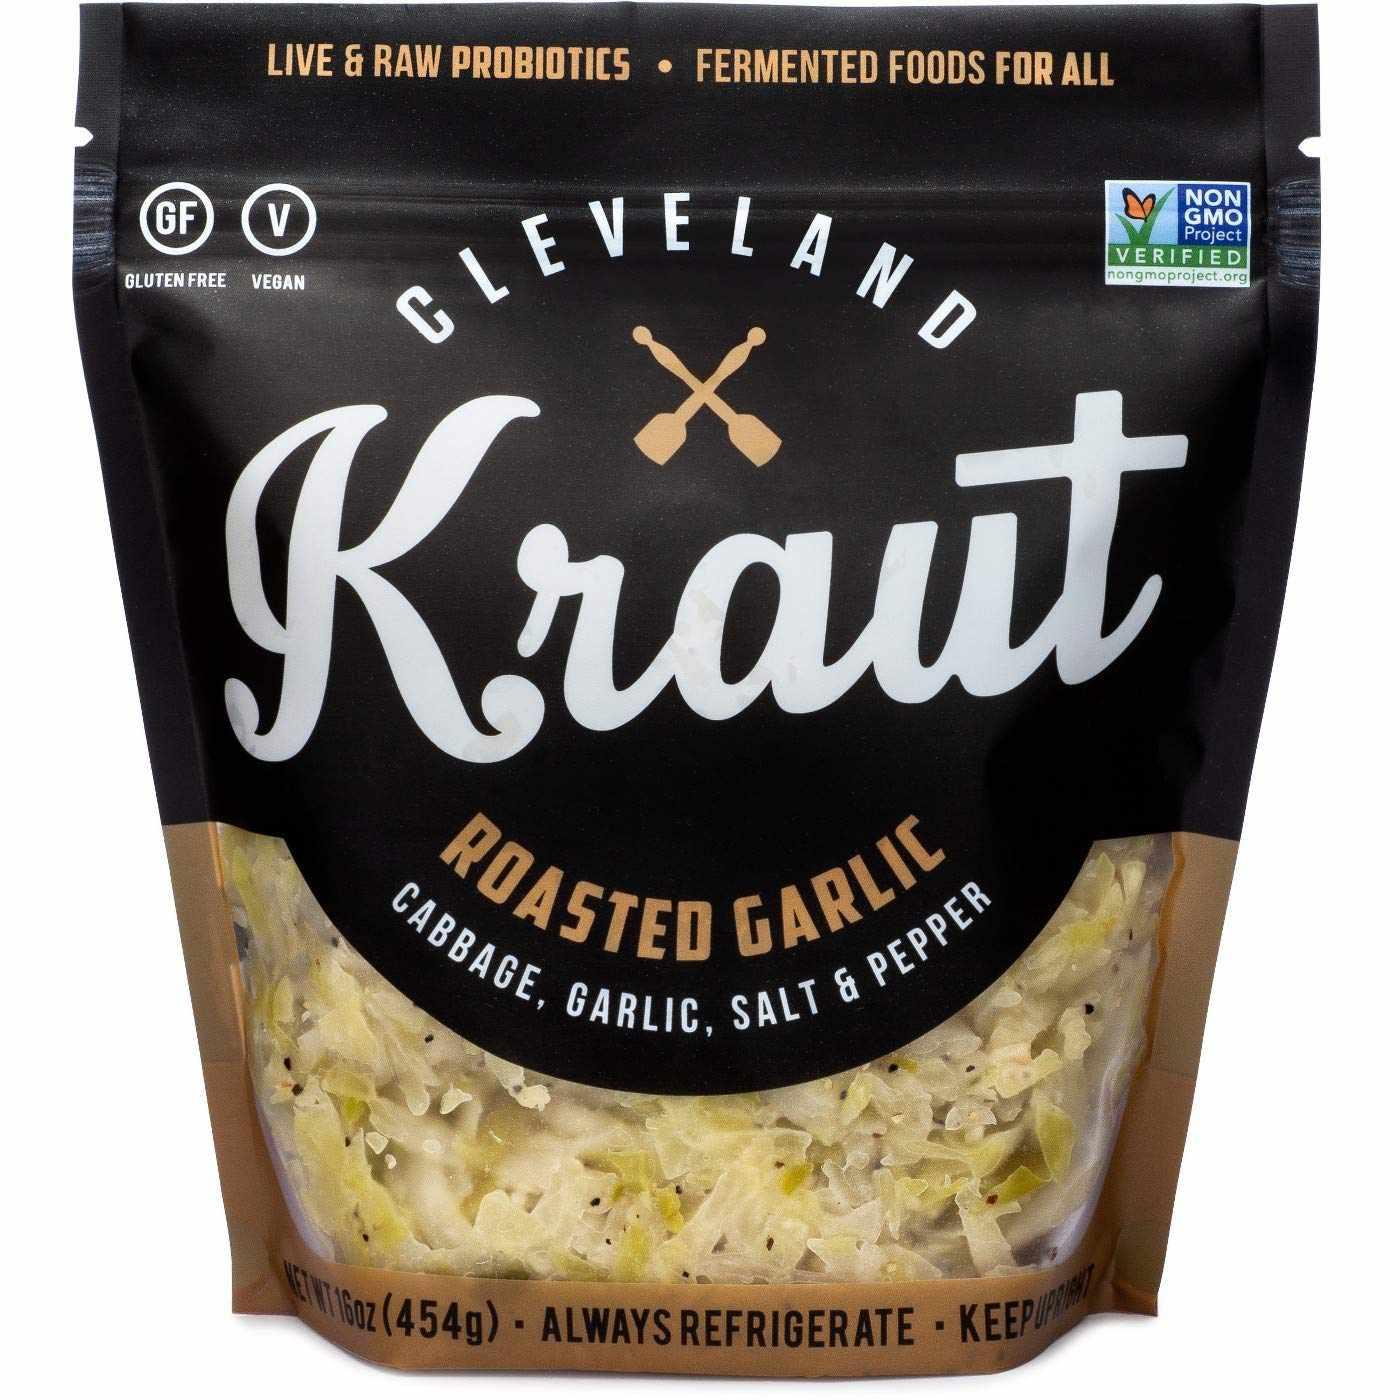 Cleveland Kitchen Kraut Roasted Garlic Sauerkraut